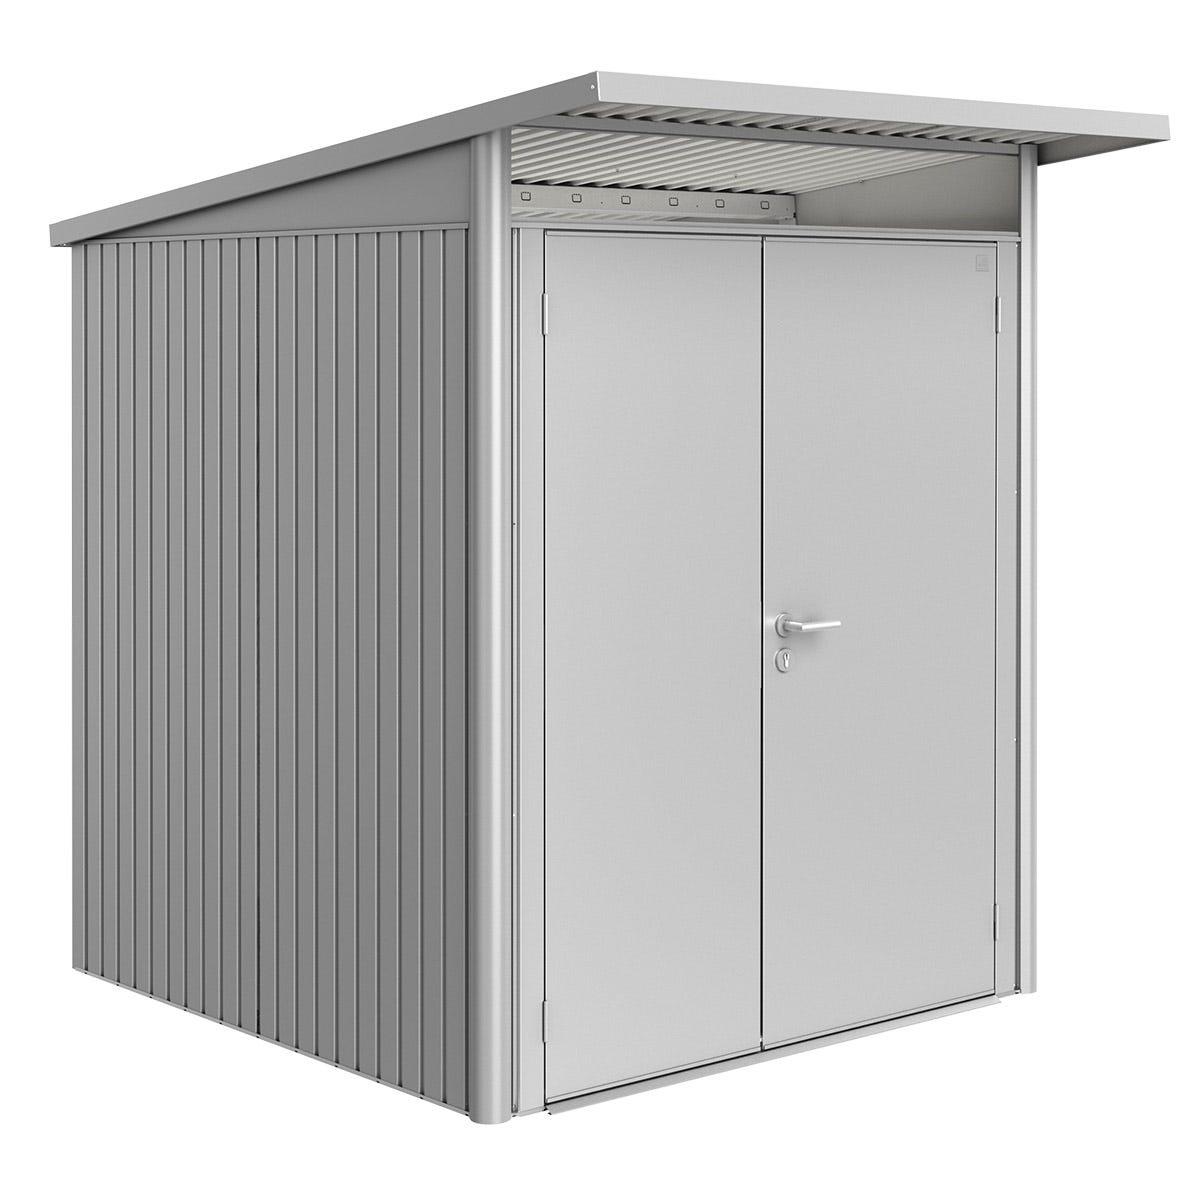 Biohort AvantGarde Metal Shed A1 Double door 5' 9'' x 7' 2'' - Metallic Silver